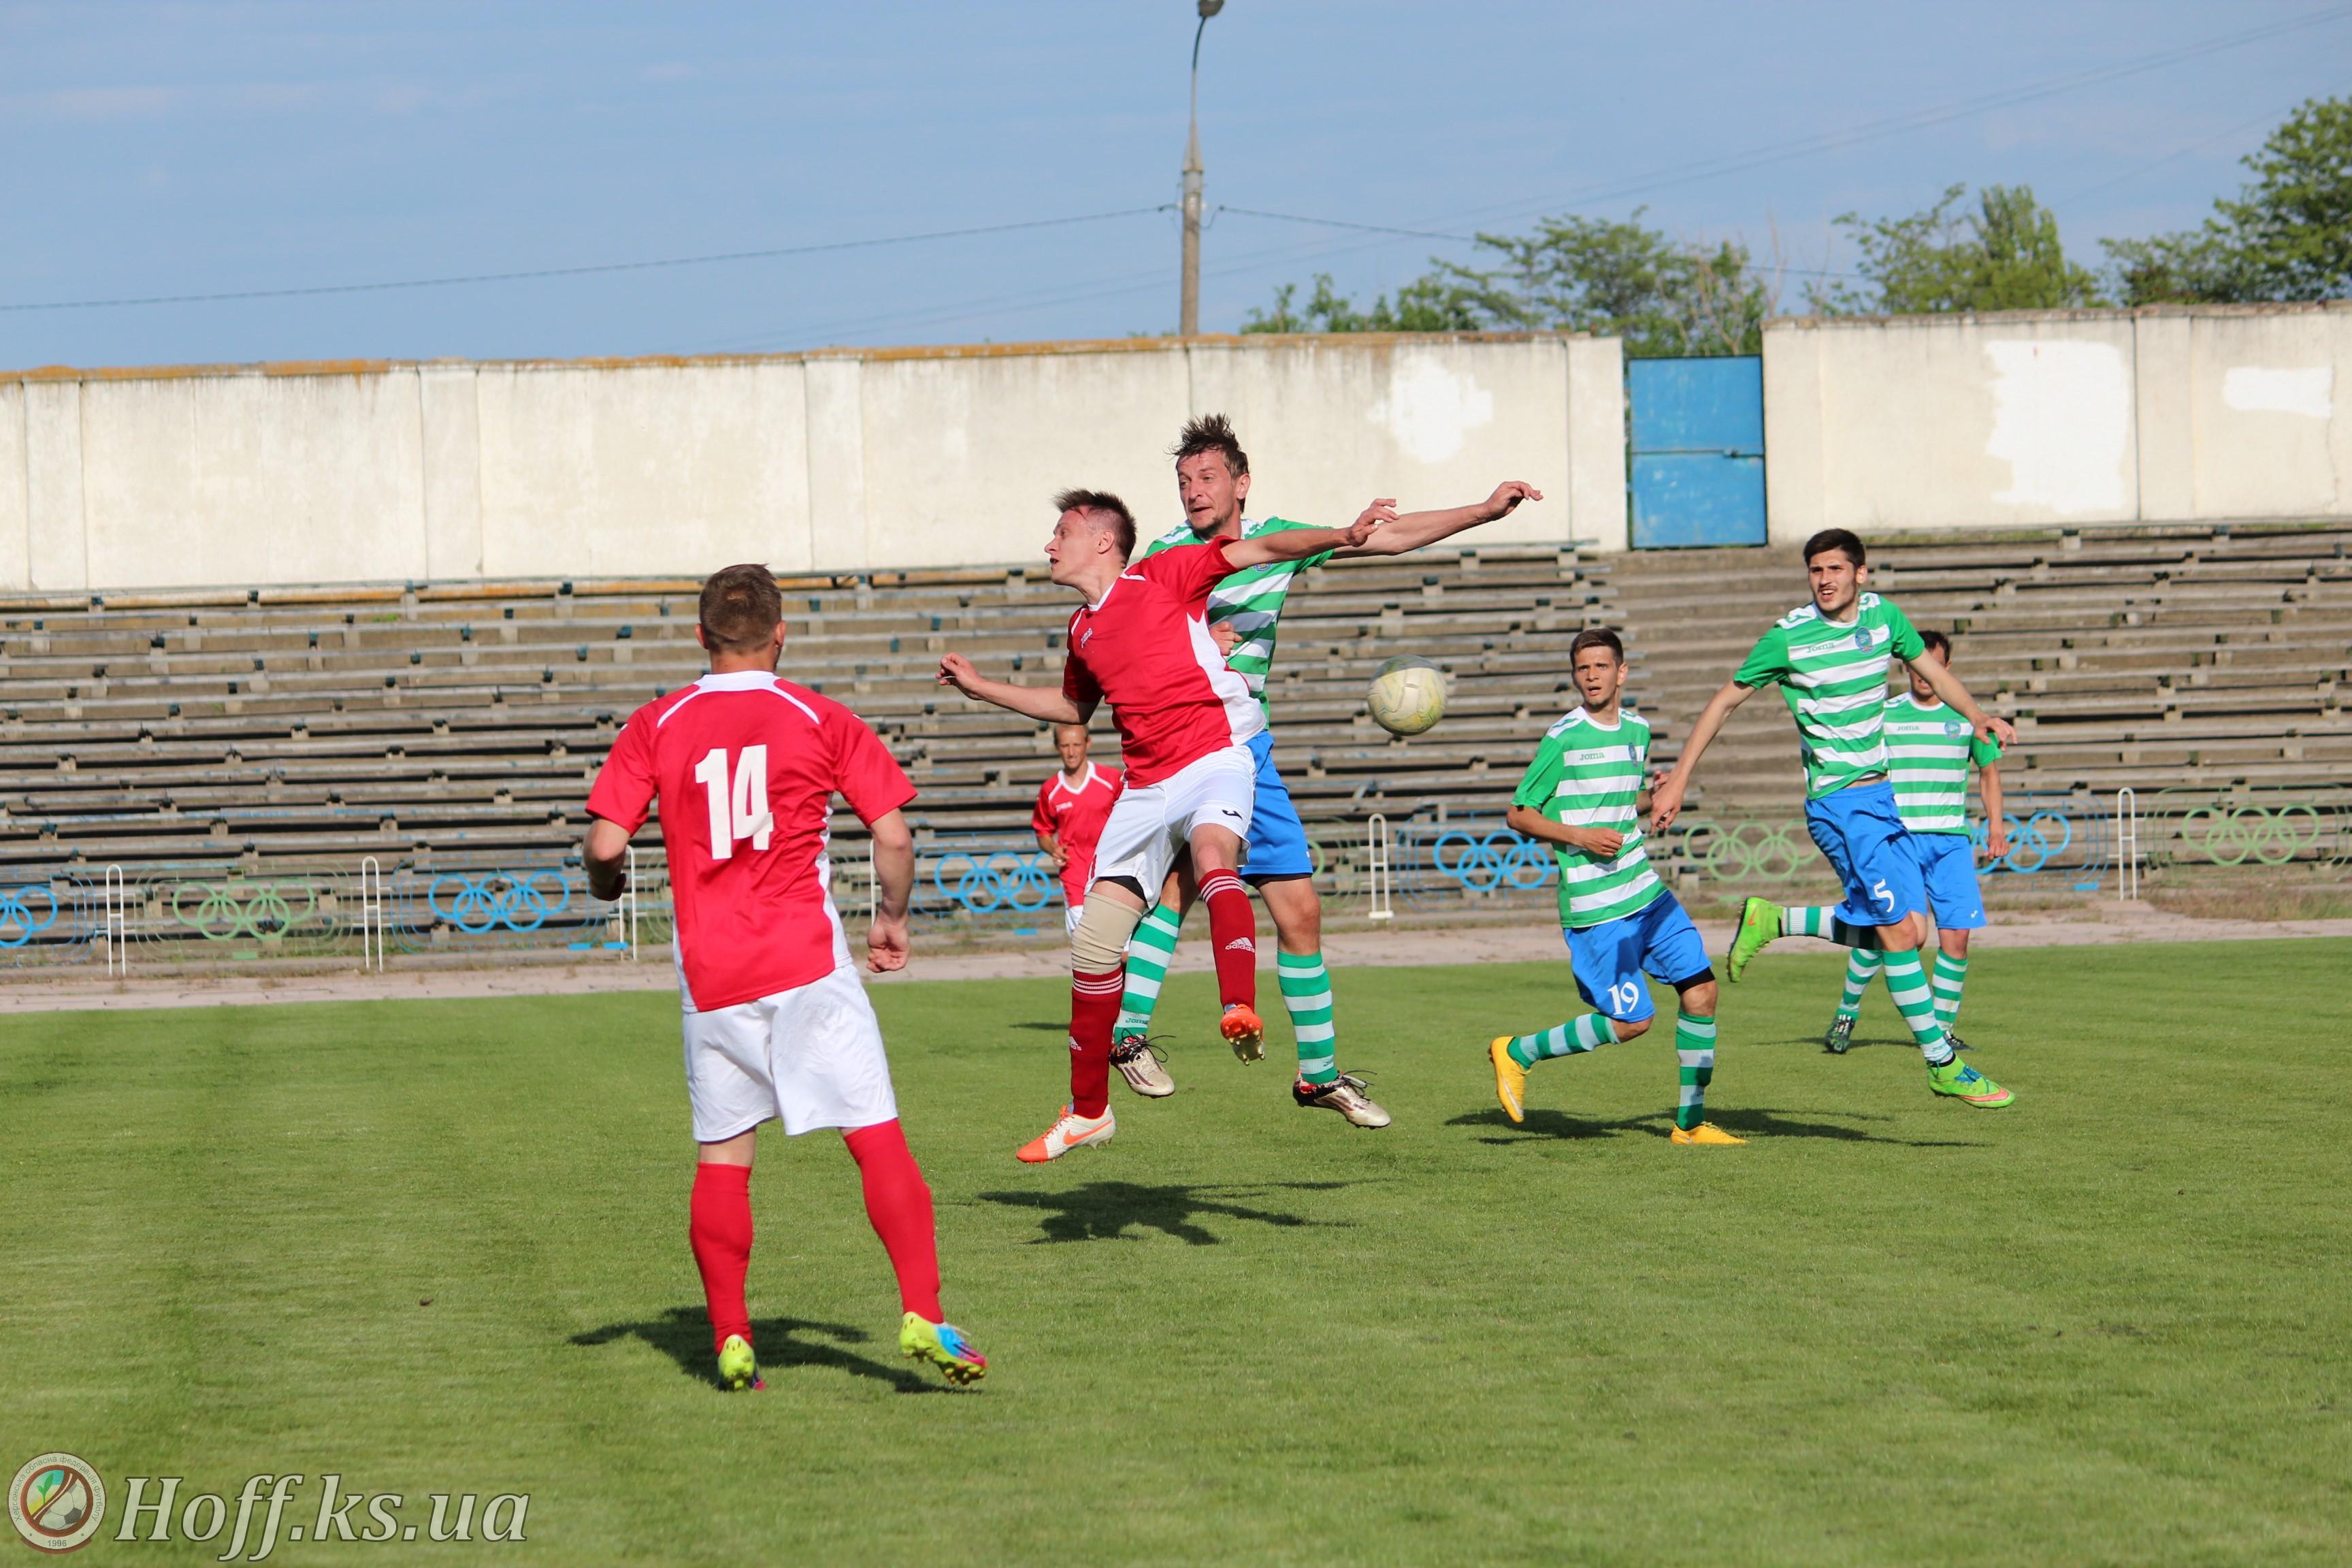 Чемпіонат Херсонської області з футболу. Результати матчів 5-й тур.